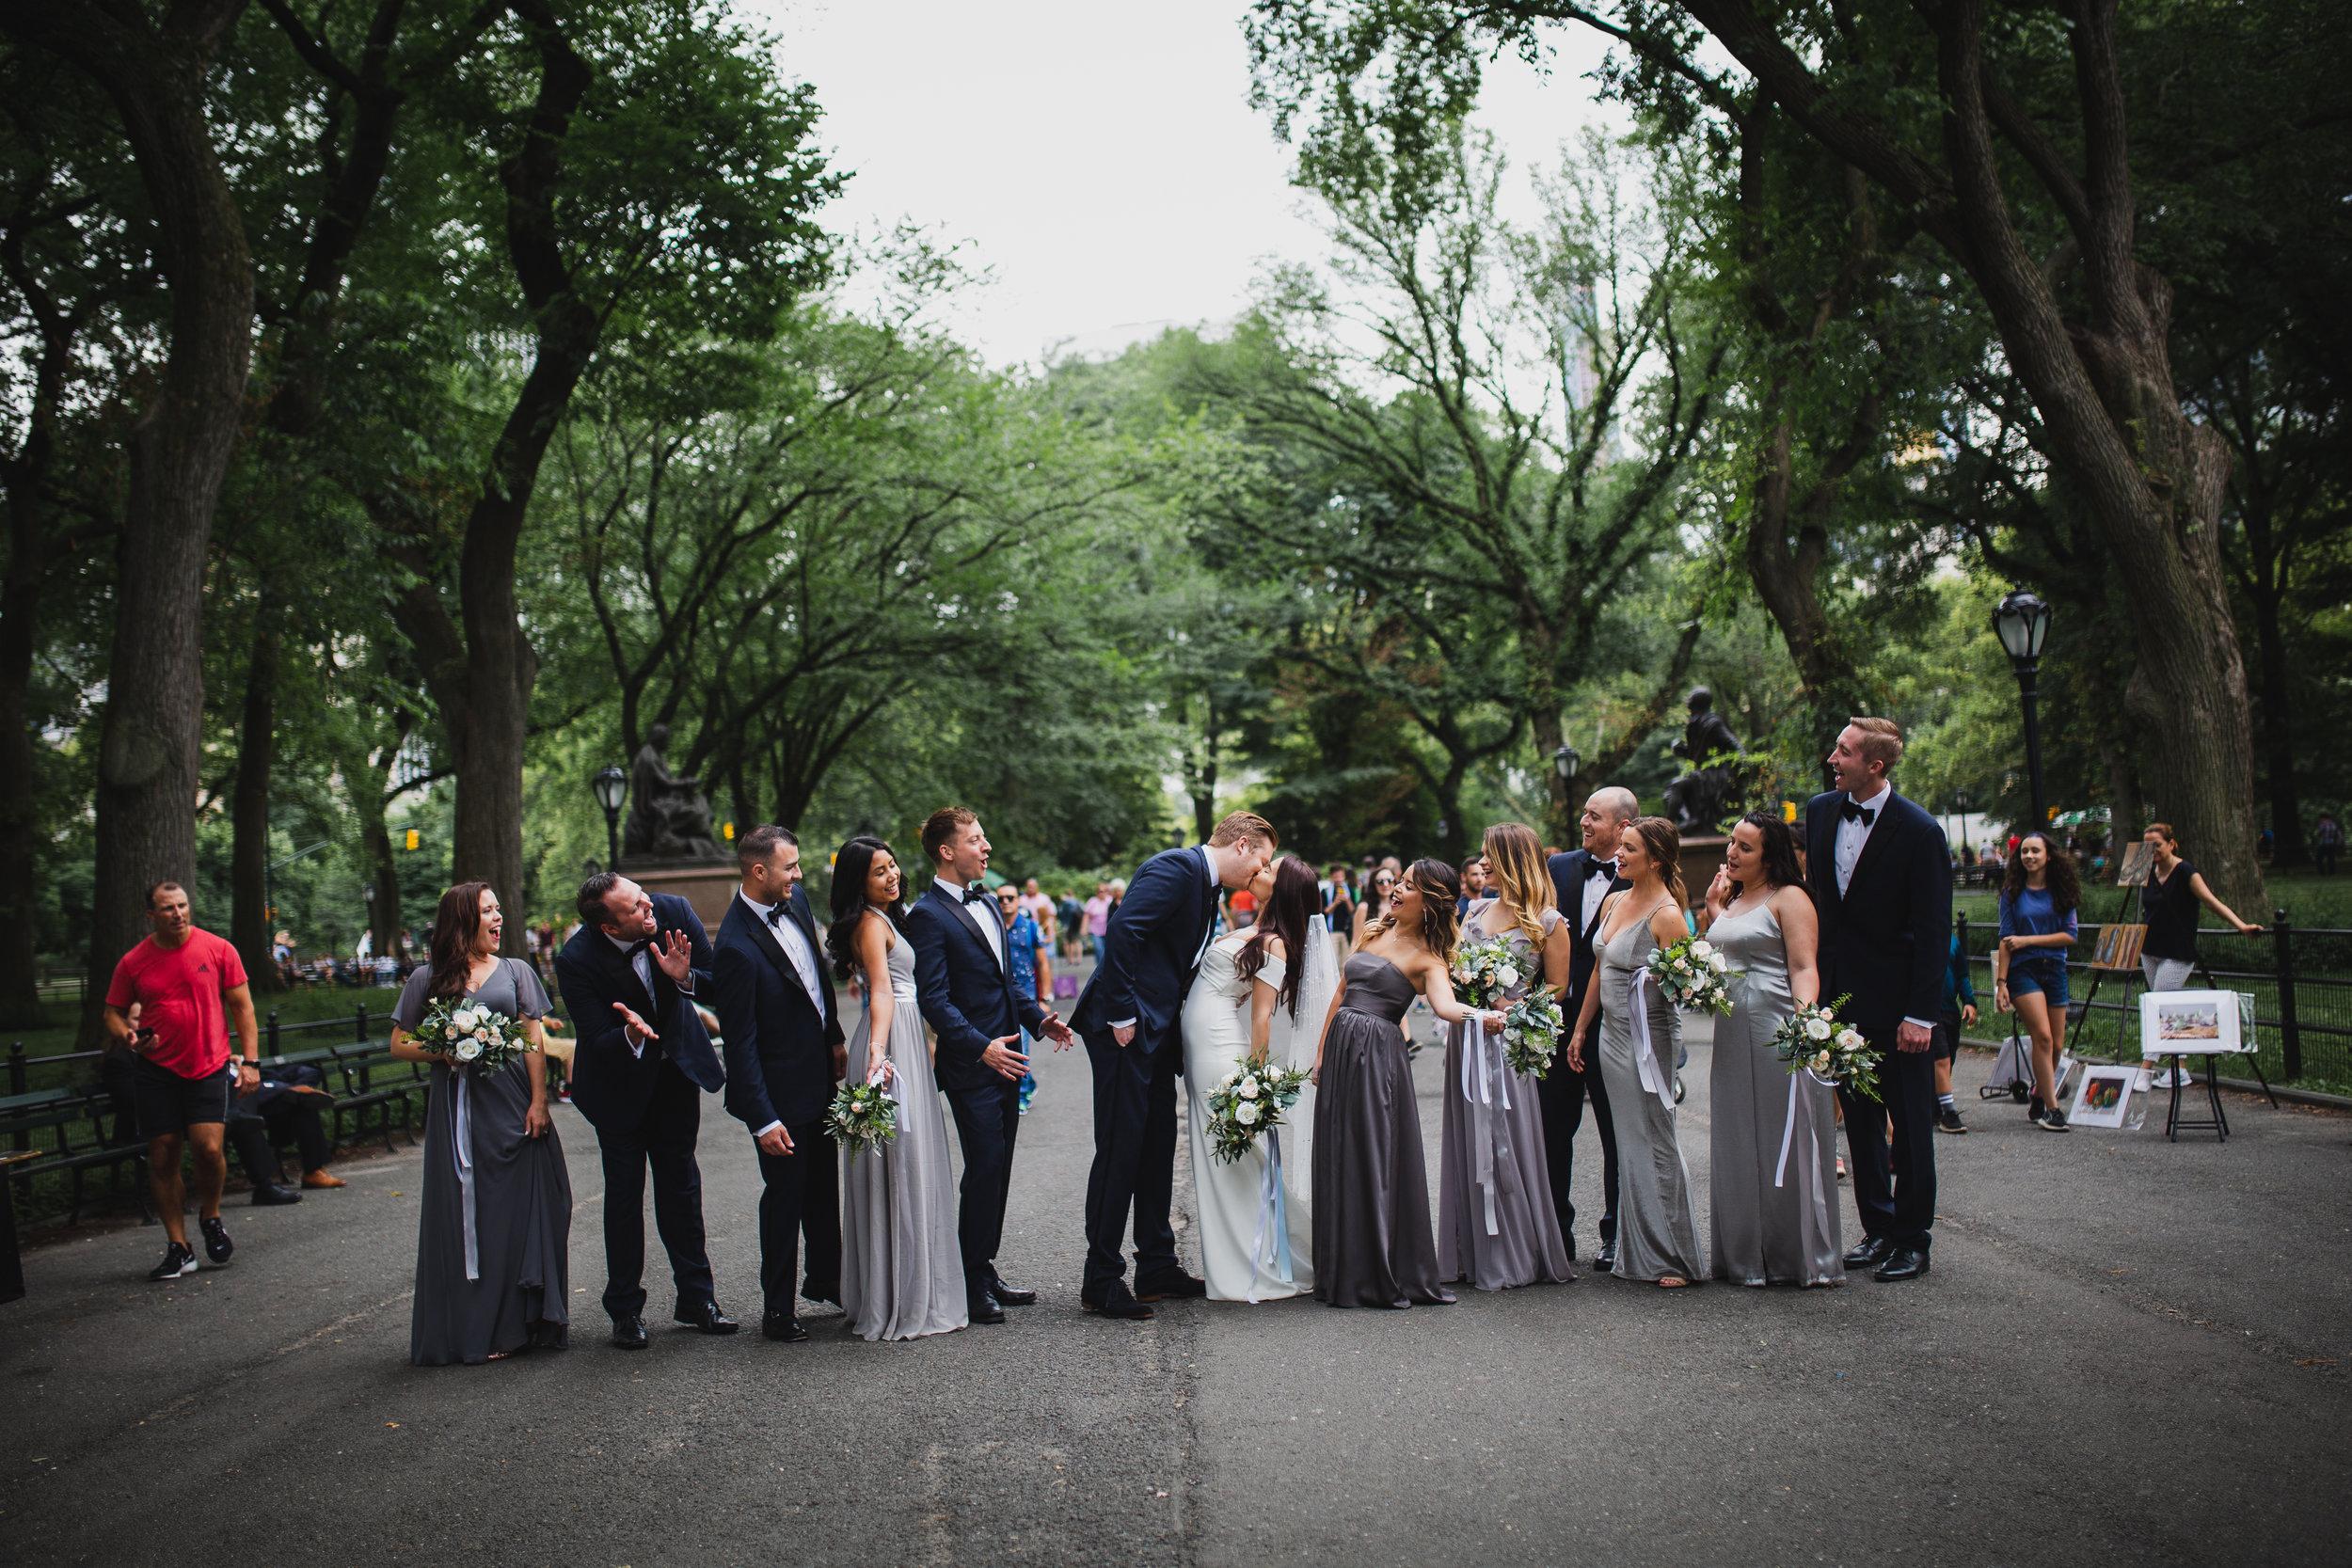 Weddings by Hanel -7.21.18 Samantha  CJ Villa Nuits Wedding-524.jpg